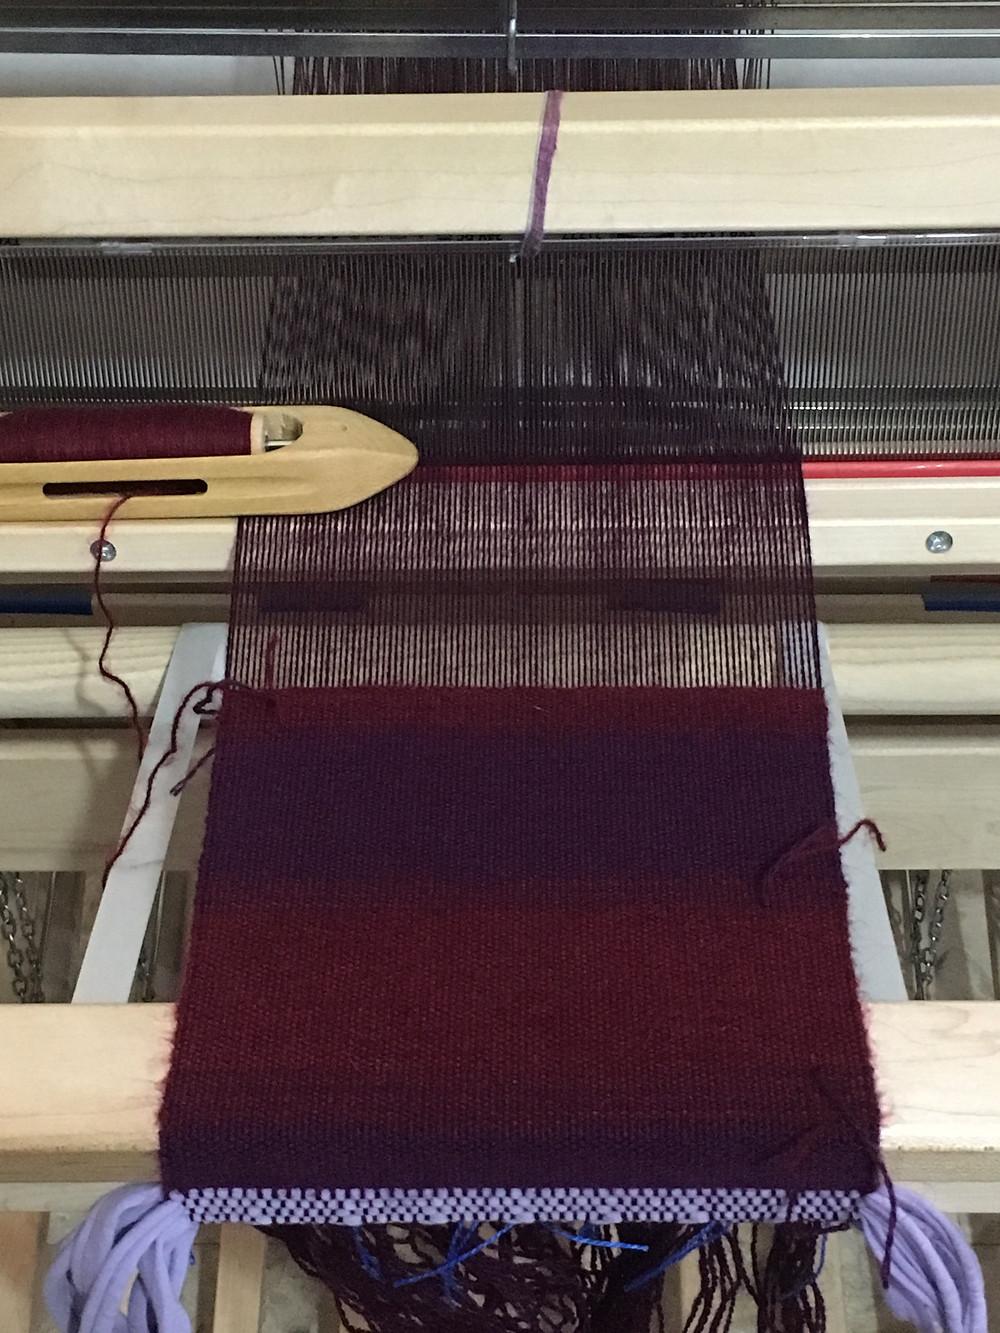 Mohair/Acrylic yarn in Deep Purple and Maroon